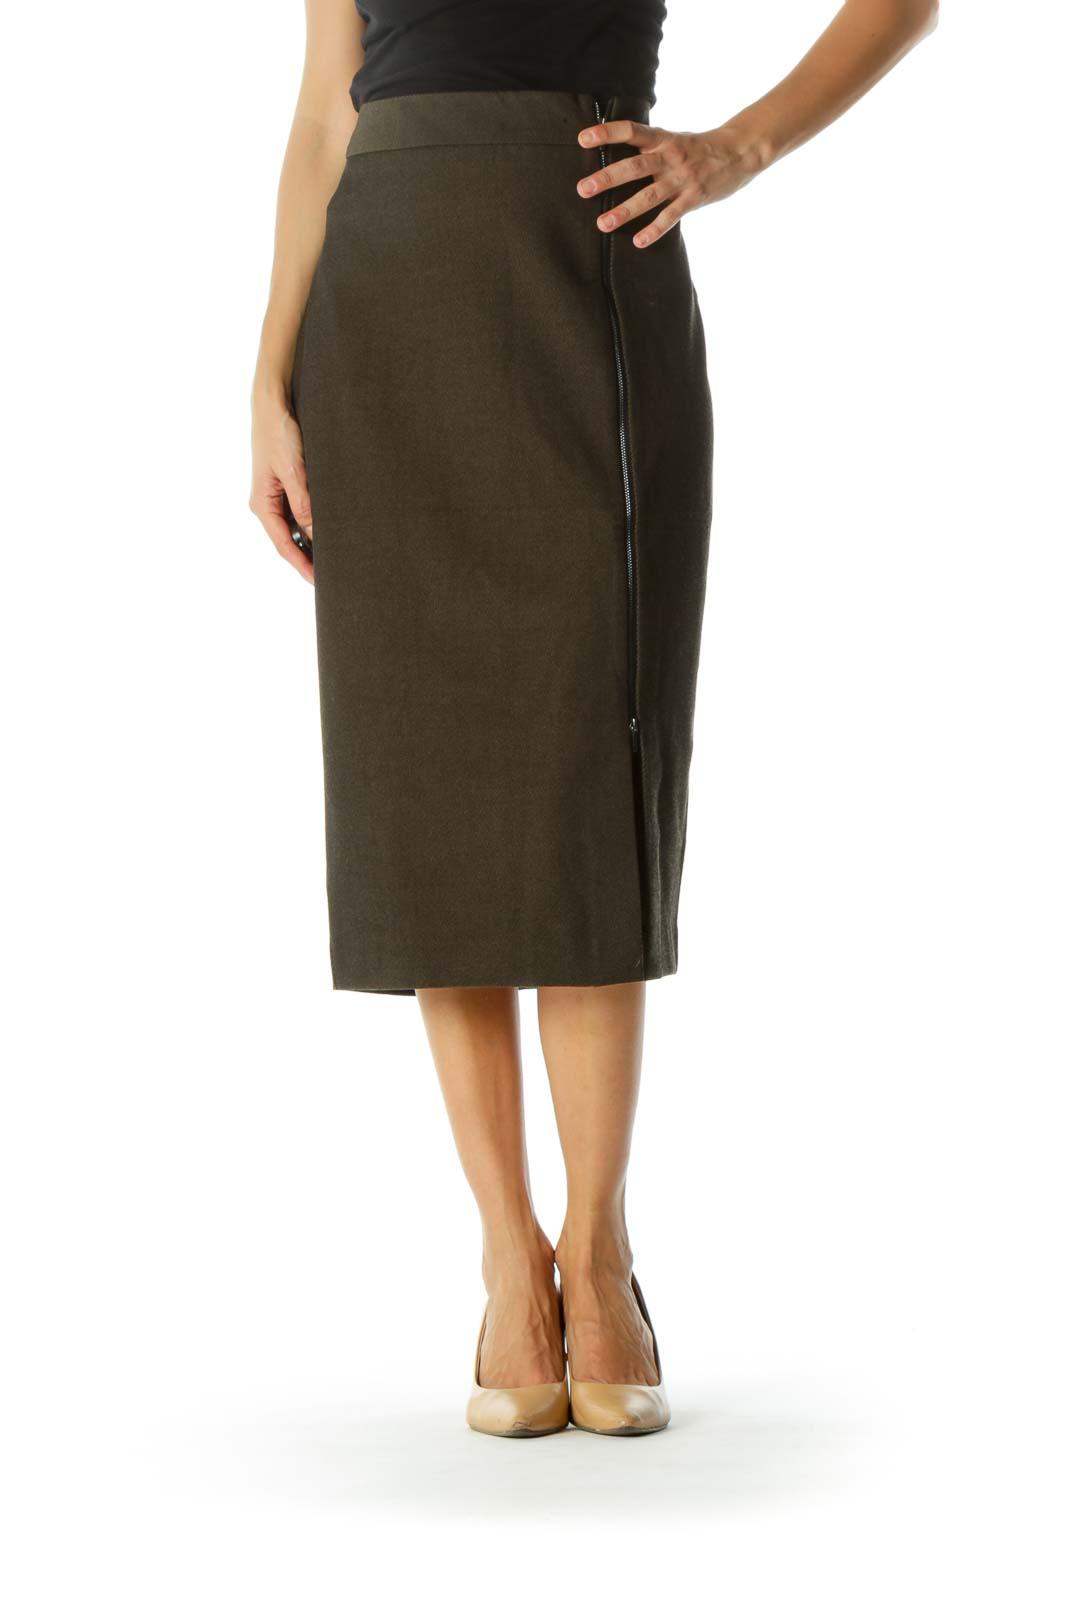 Black Olive Green Zipper Detail Pencil Textured Midi Skirt